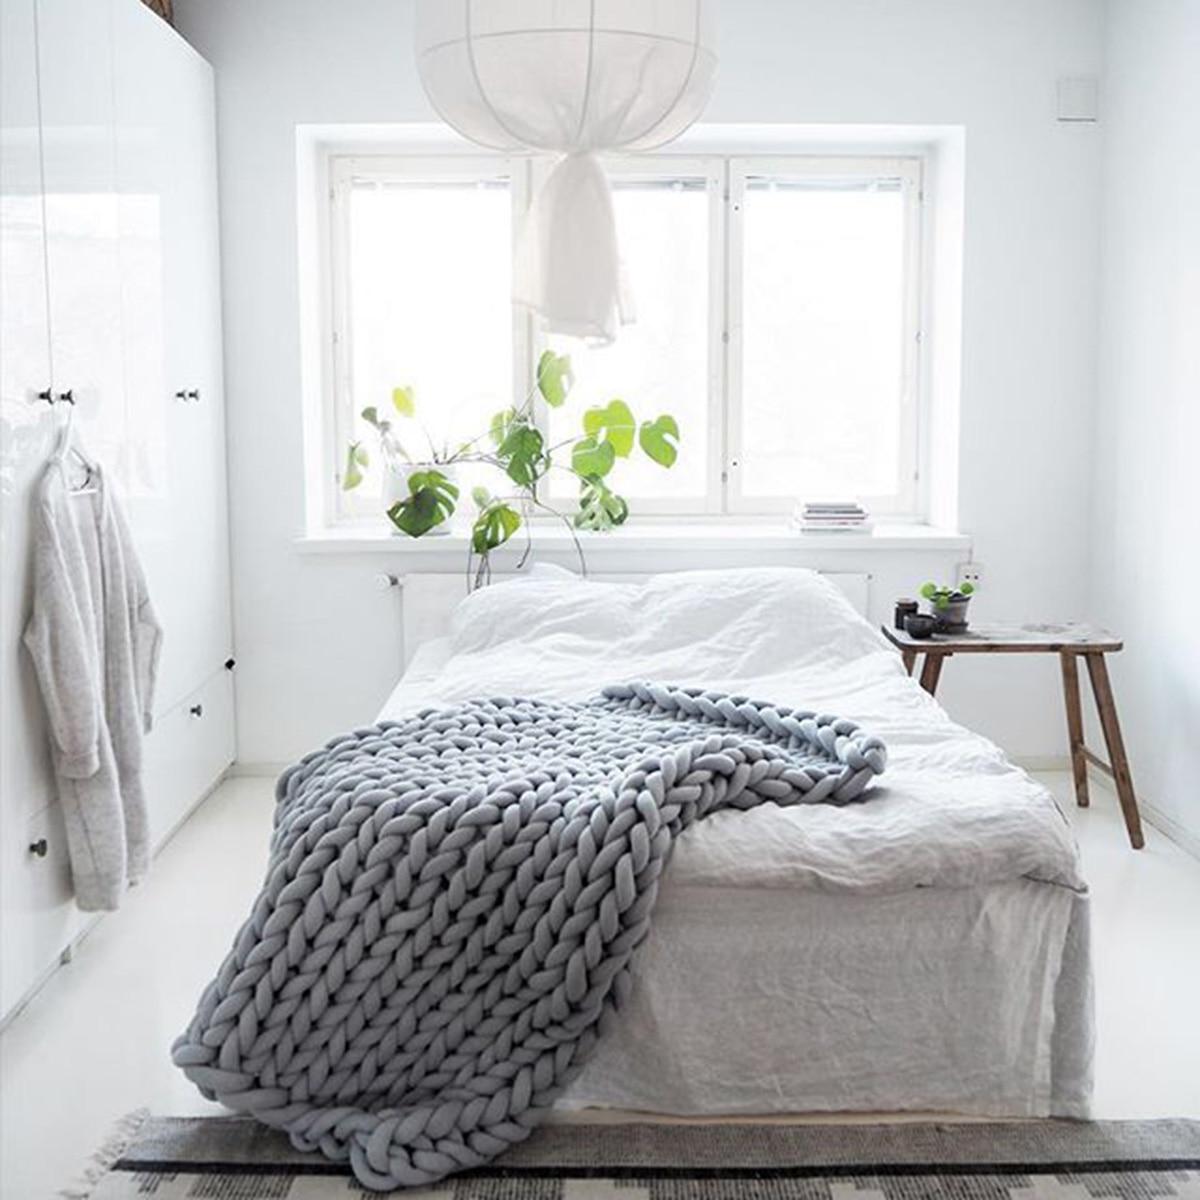 120x150 см вязаное одеяло для дивана ручной работы, мягкое теплое толстое Хлопковое одеяло, зимнее элегантное уютное теплое постельное белье - 3